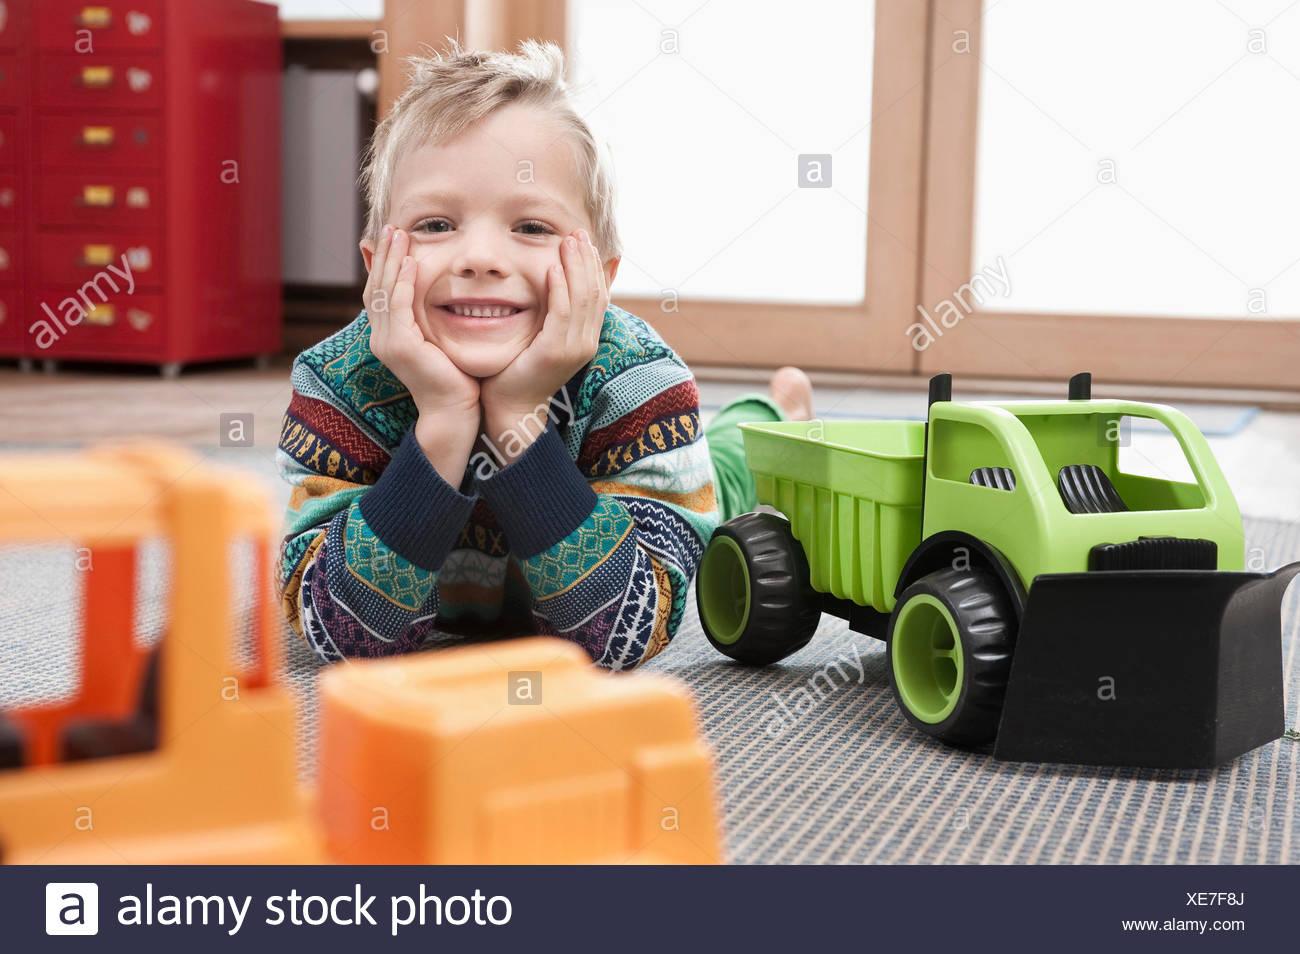 Porträt der lächelnde Knabe mit Kopf in seine Hände auf Boden von seinem kindergarten Stockbild